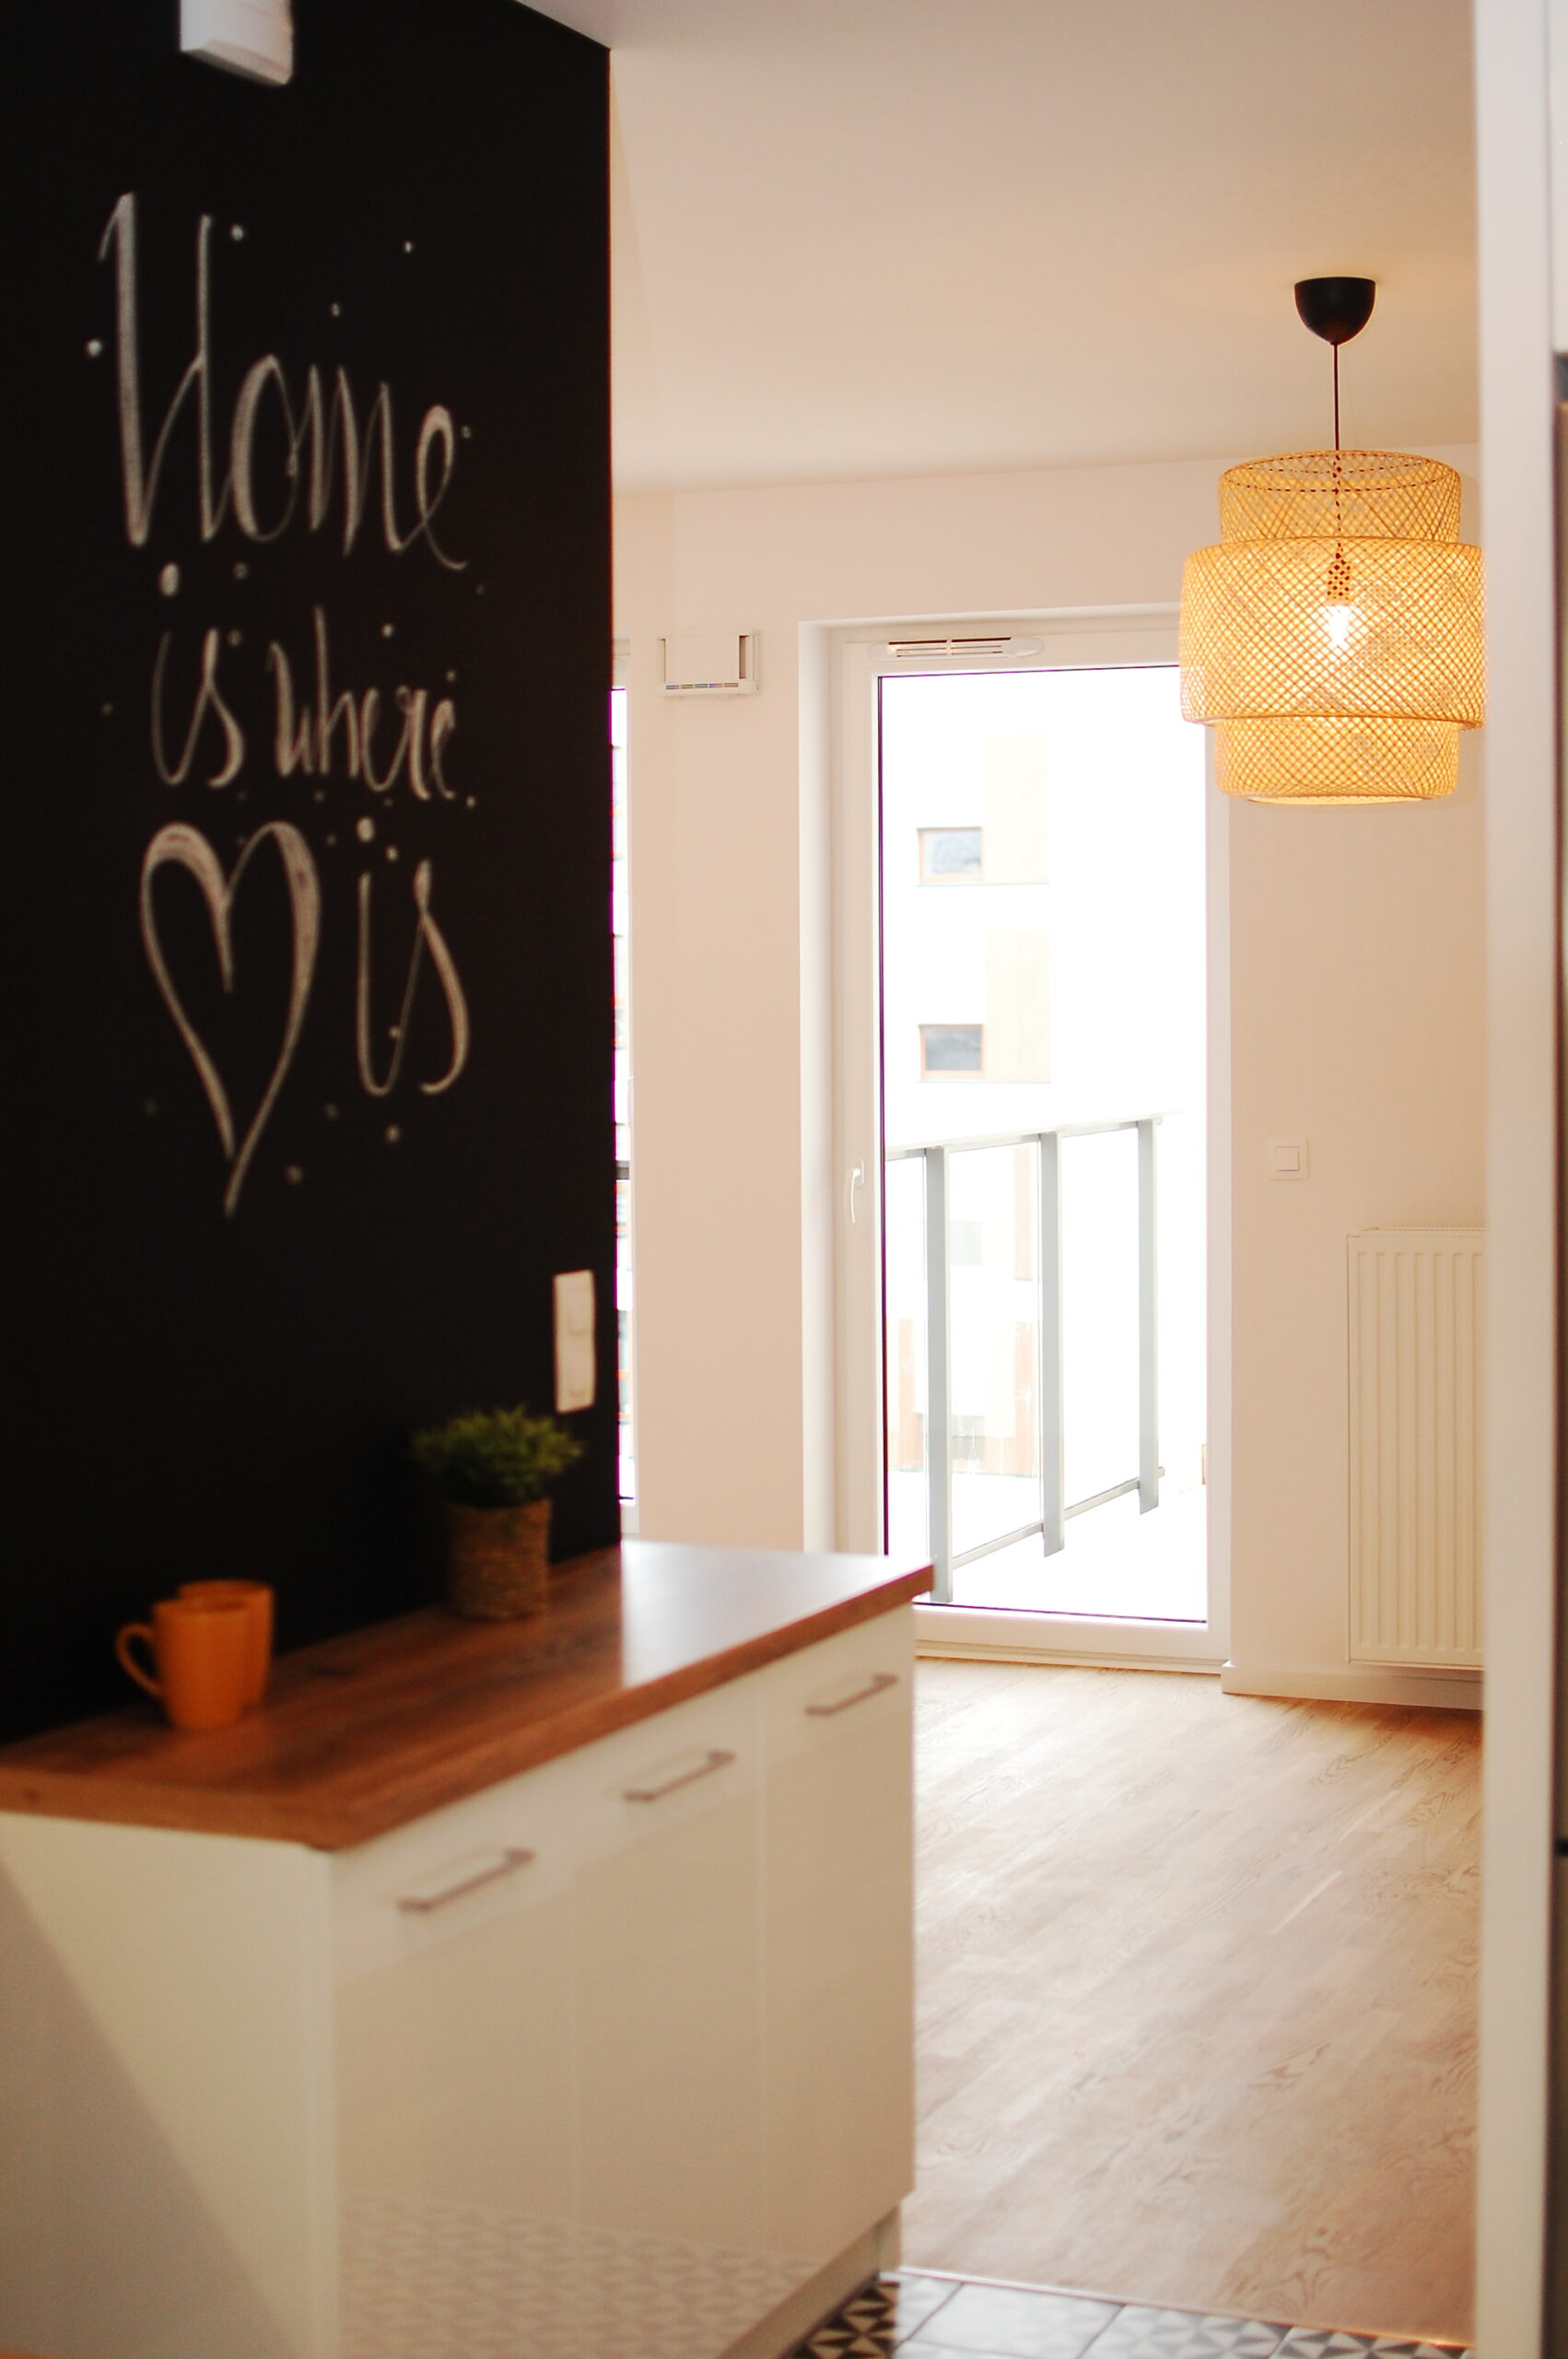 kup-sobie-chate-mieszkanie-blog-pierwszy-projekt-geberit